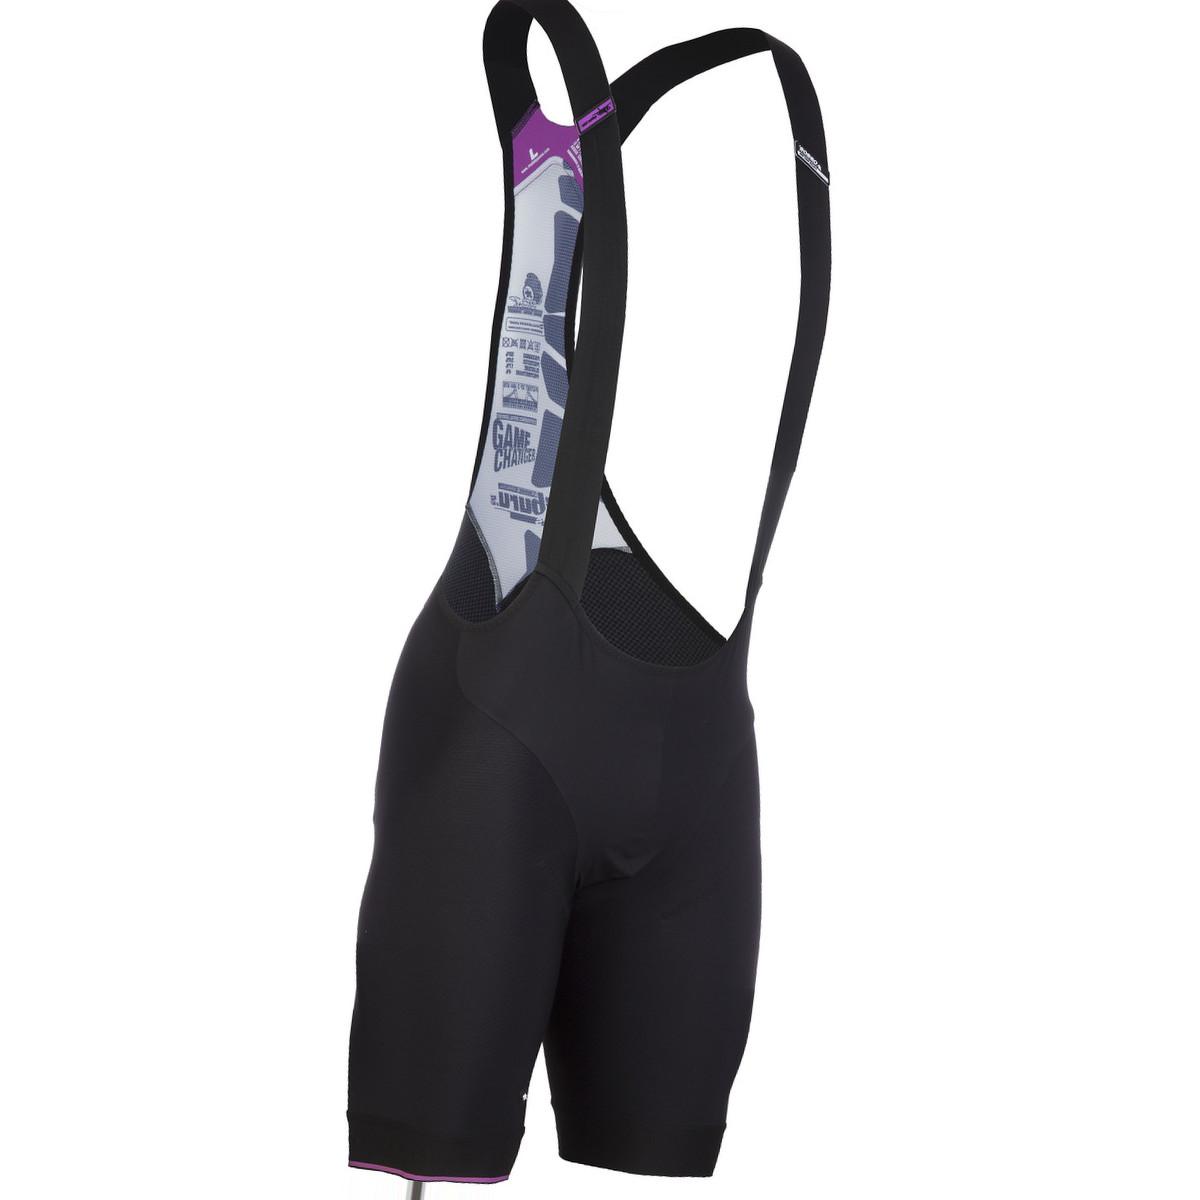 Assos T.tiburu_s7 Bib Shorts - Men's